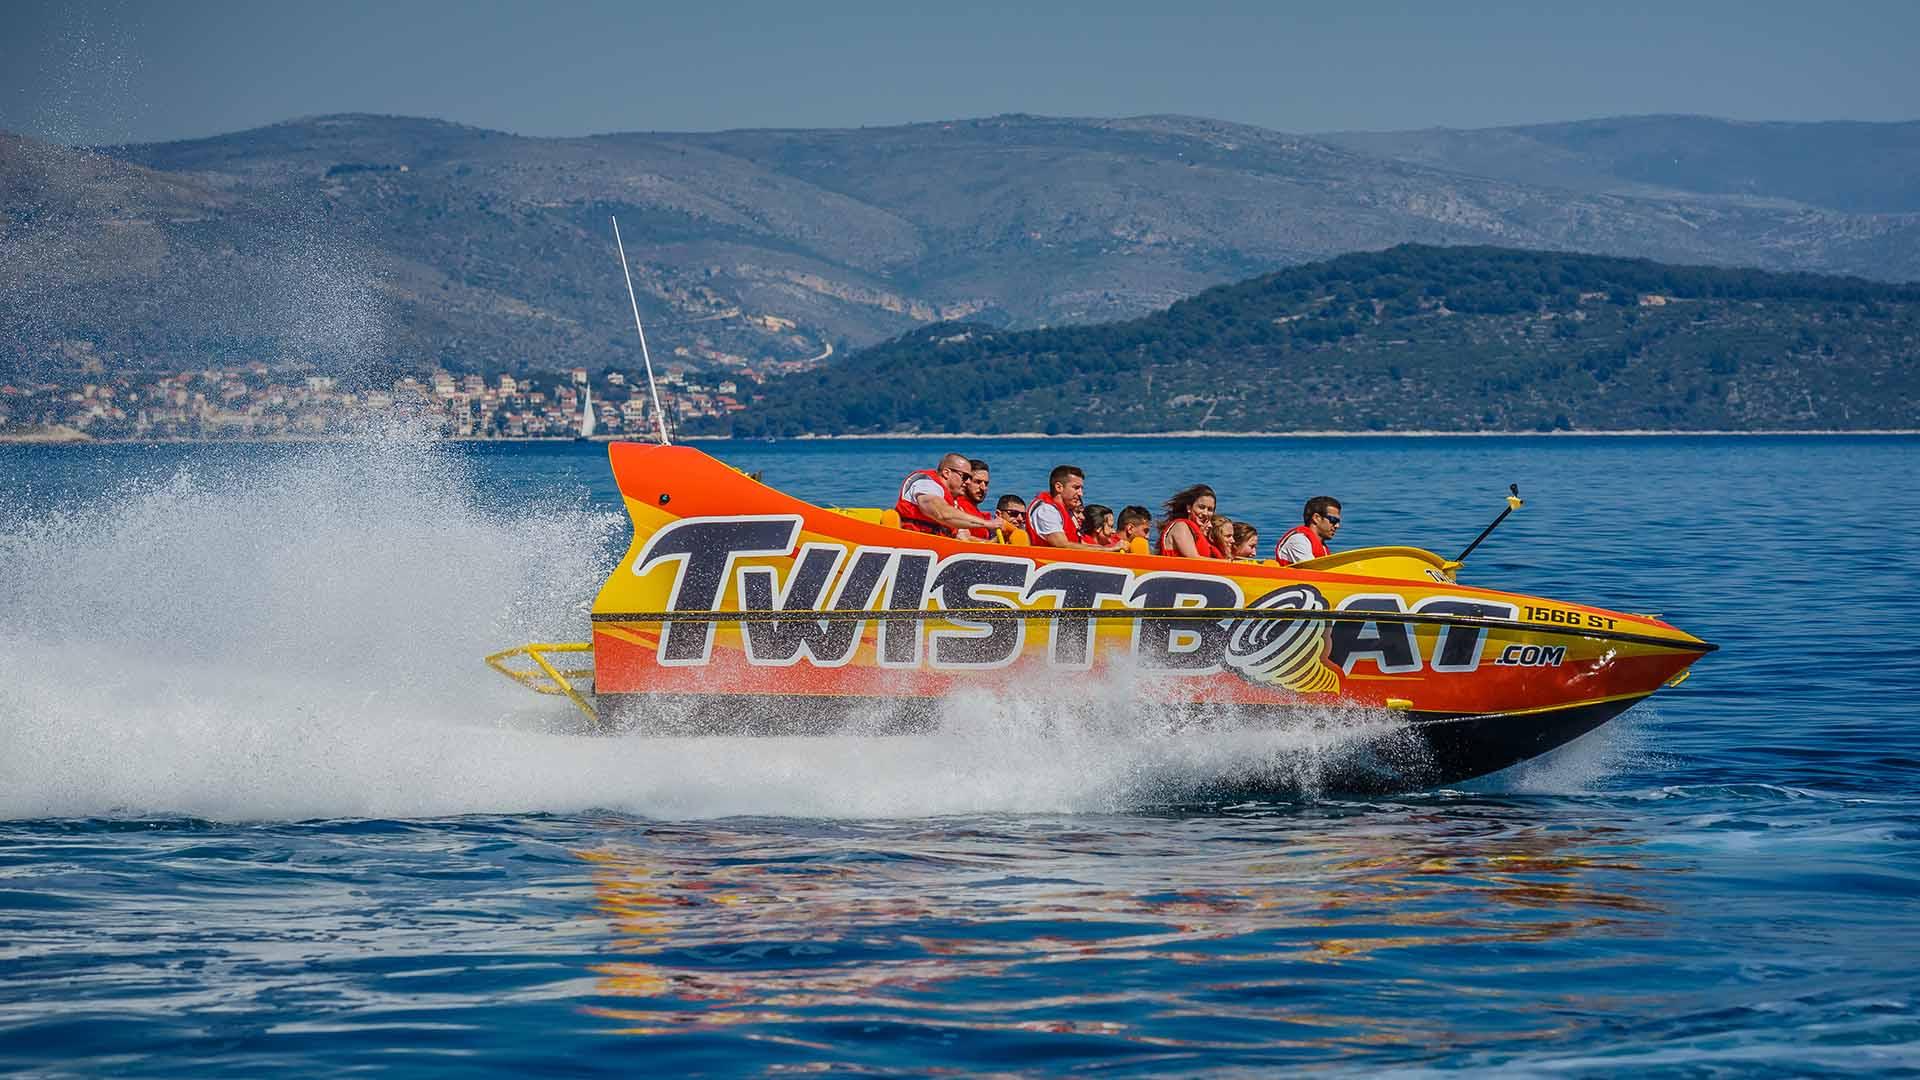 Twistboat 3